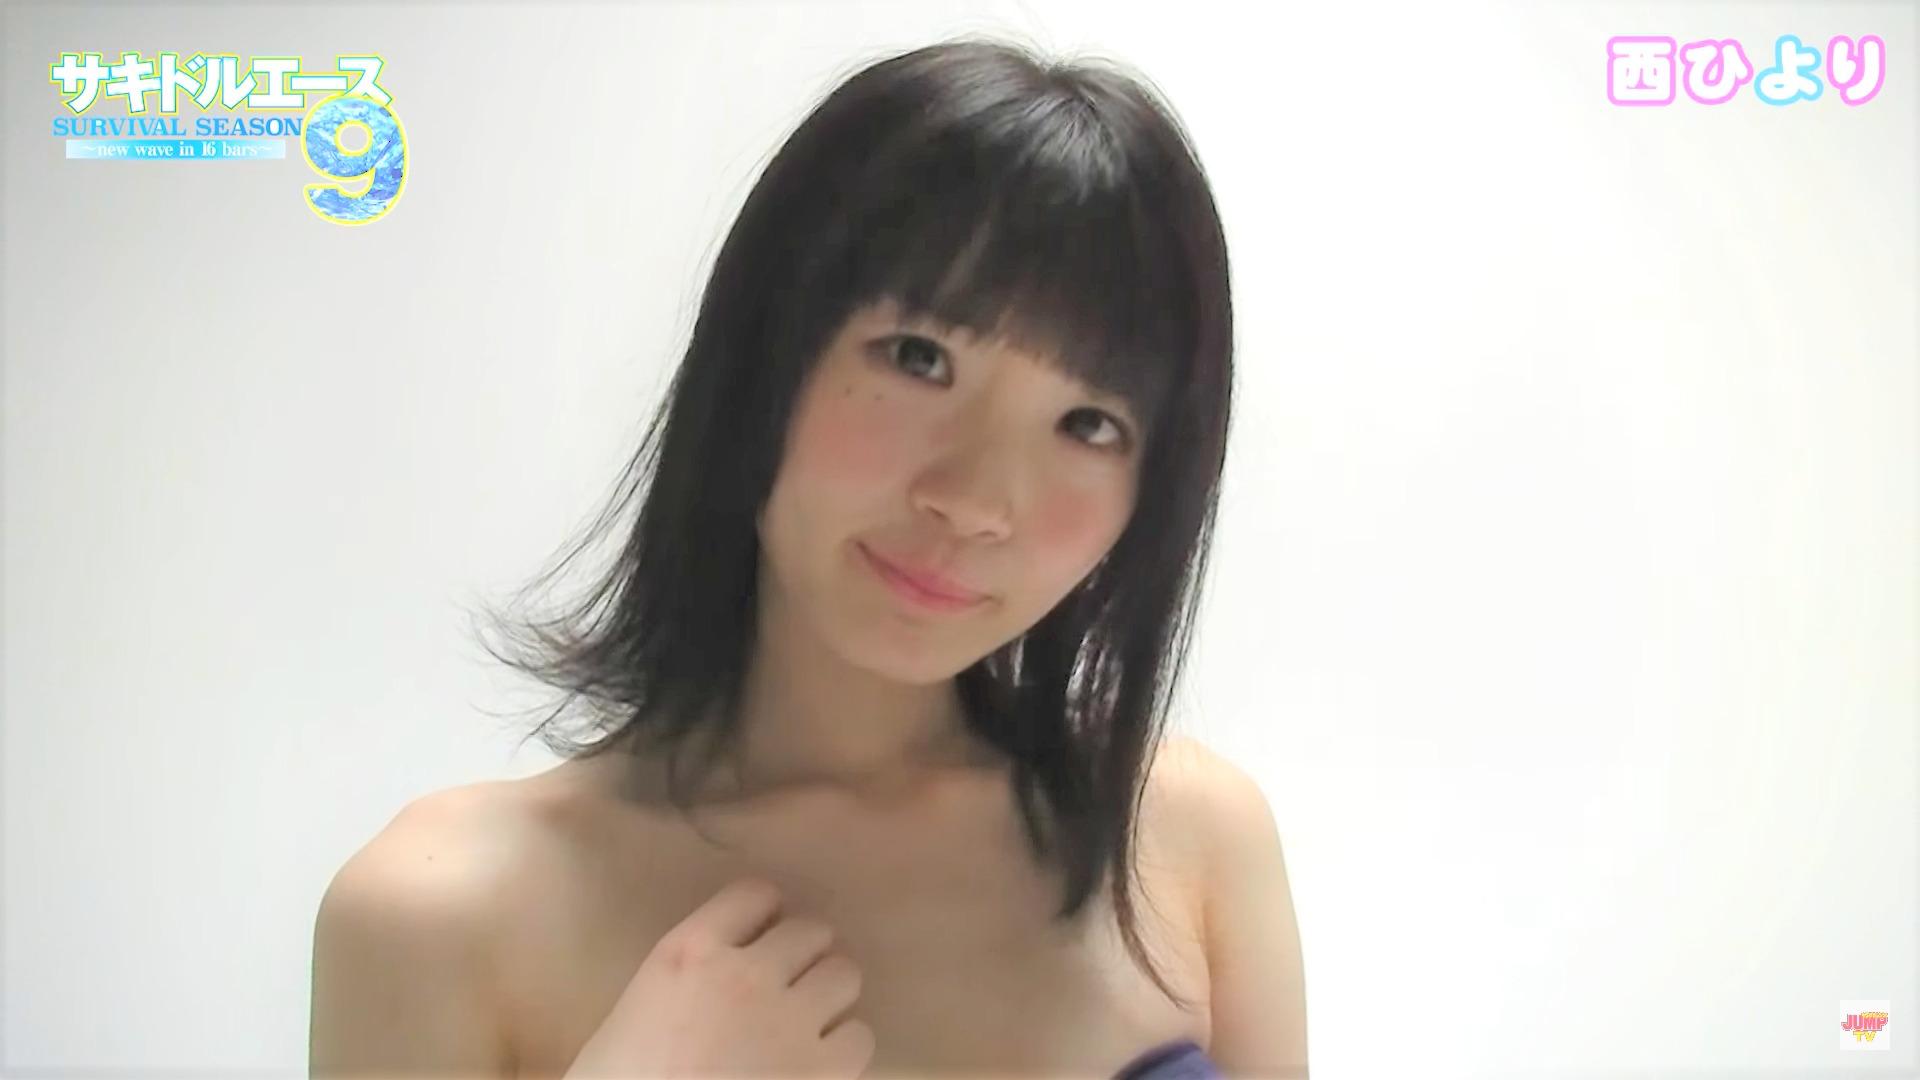 【西ひより】-カップ 「煌めき☆アンフォレント」メンバーが水着姿を披露!